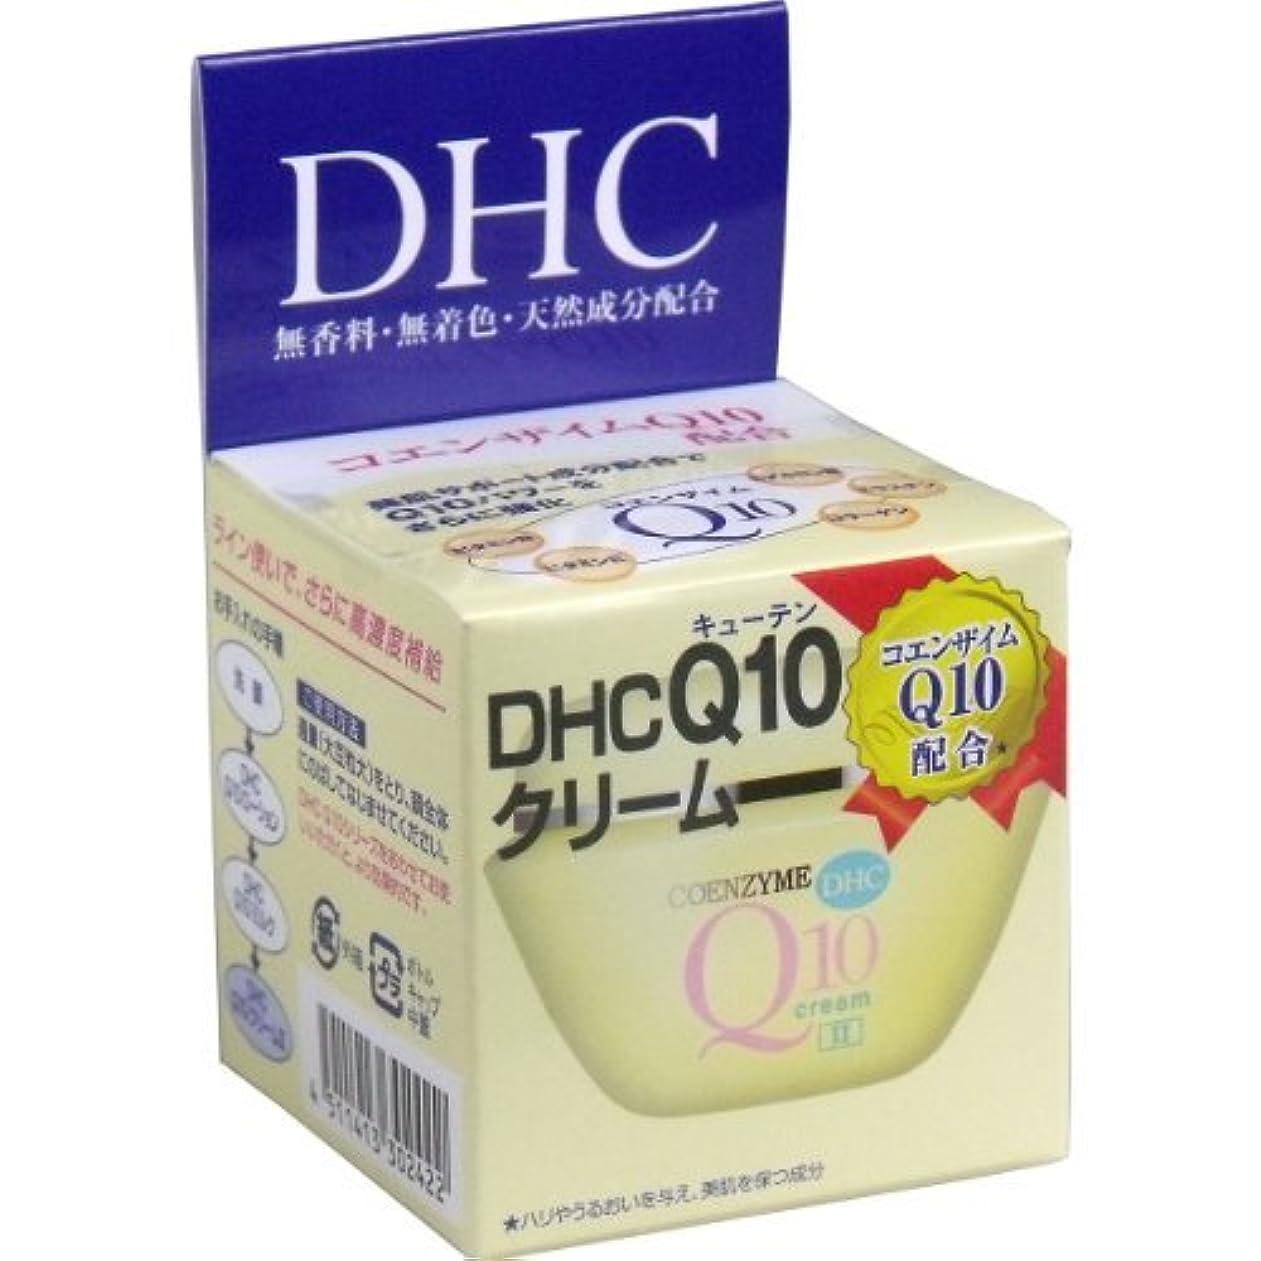 横サーカスがんばり続ける【DHC】DHC Q10クリーム2 (SS) 20g ×5個セット